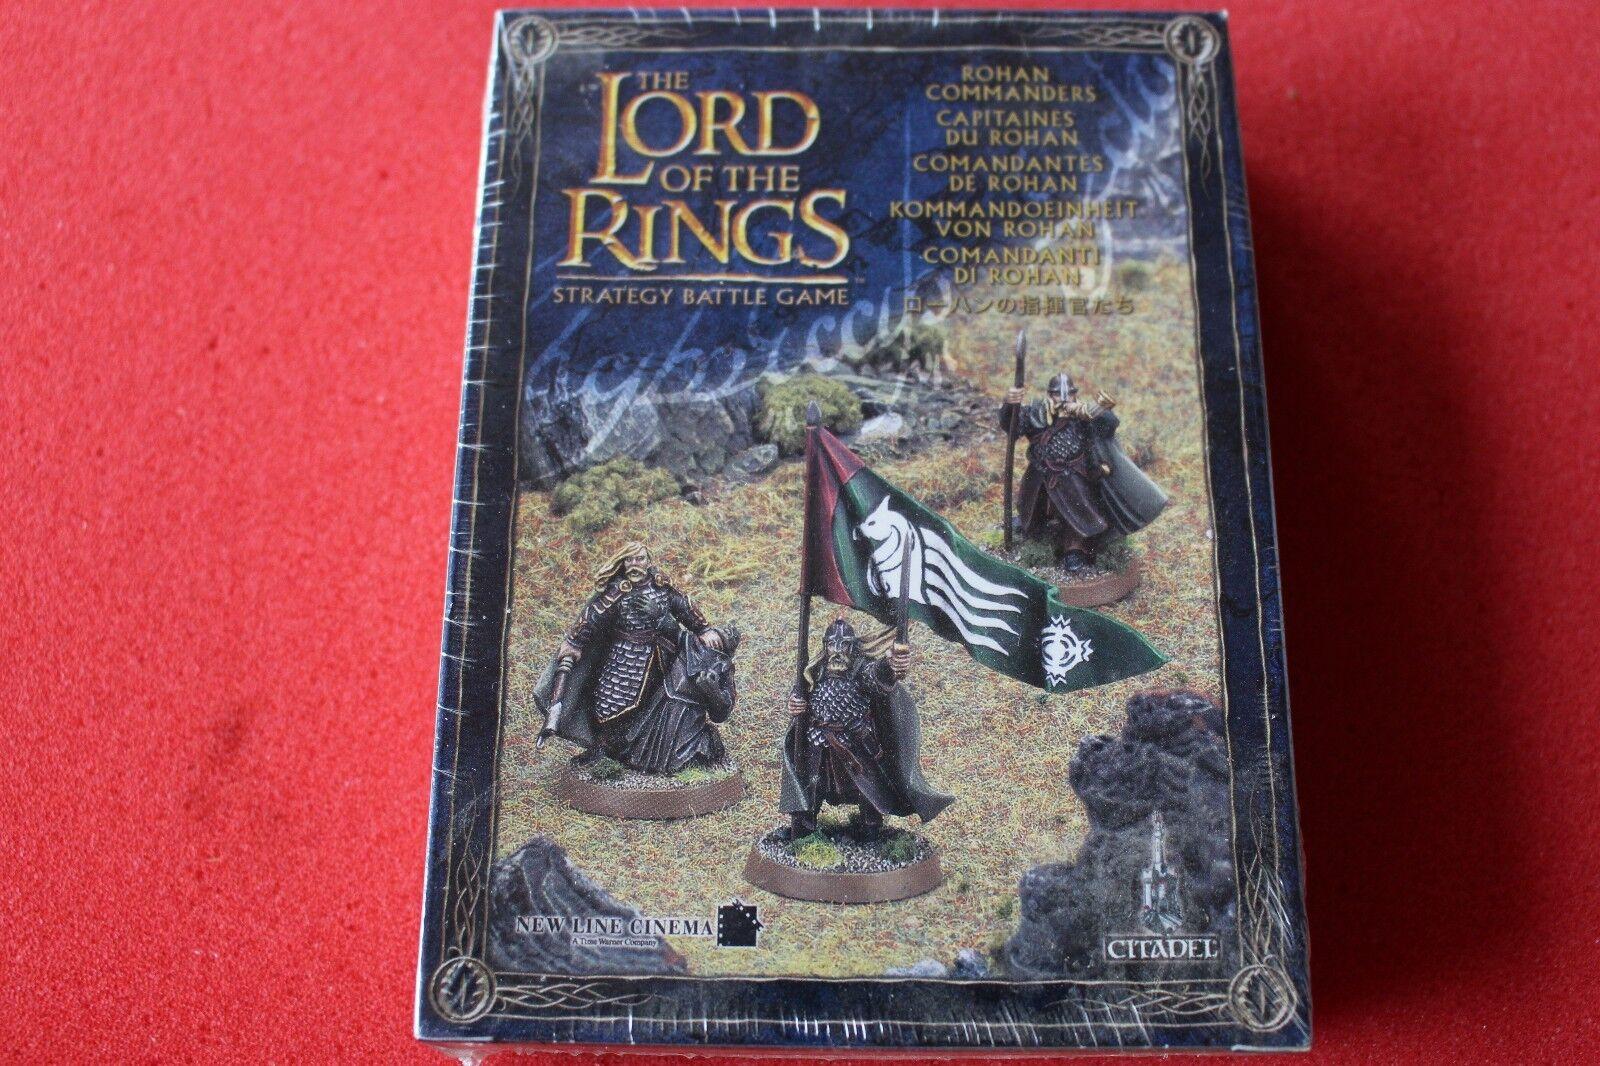 Games Workshop LoTR Rohan Commanders Lord of the Rings New BNIB 3 Metal Figures